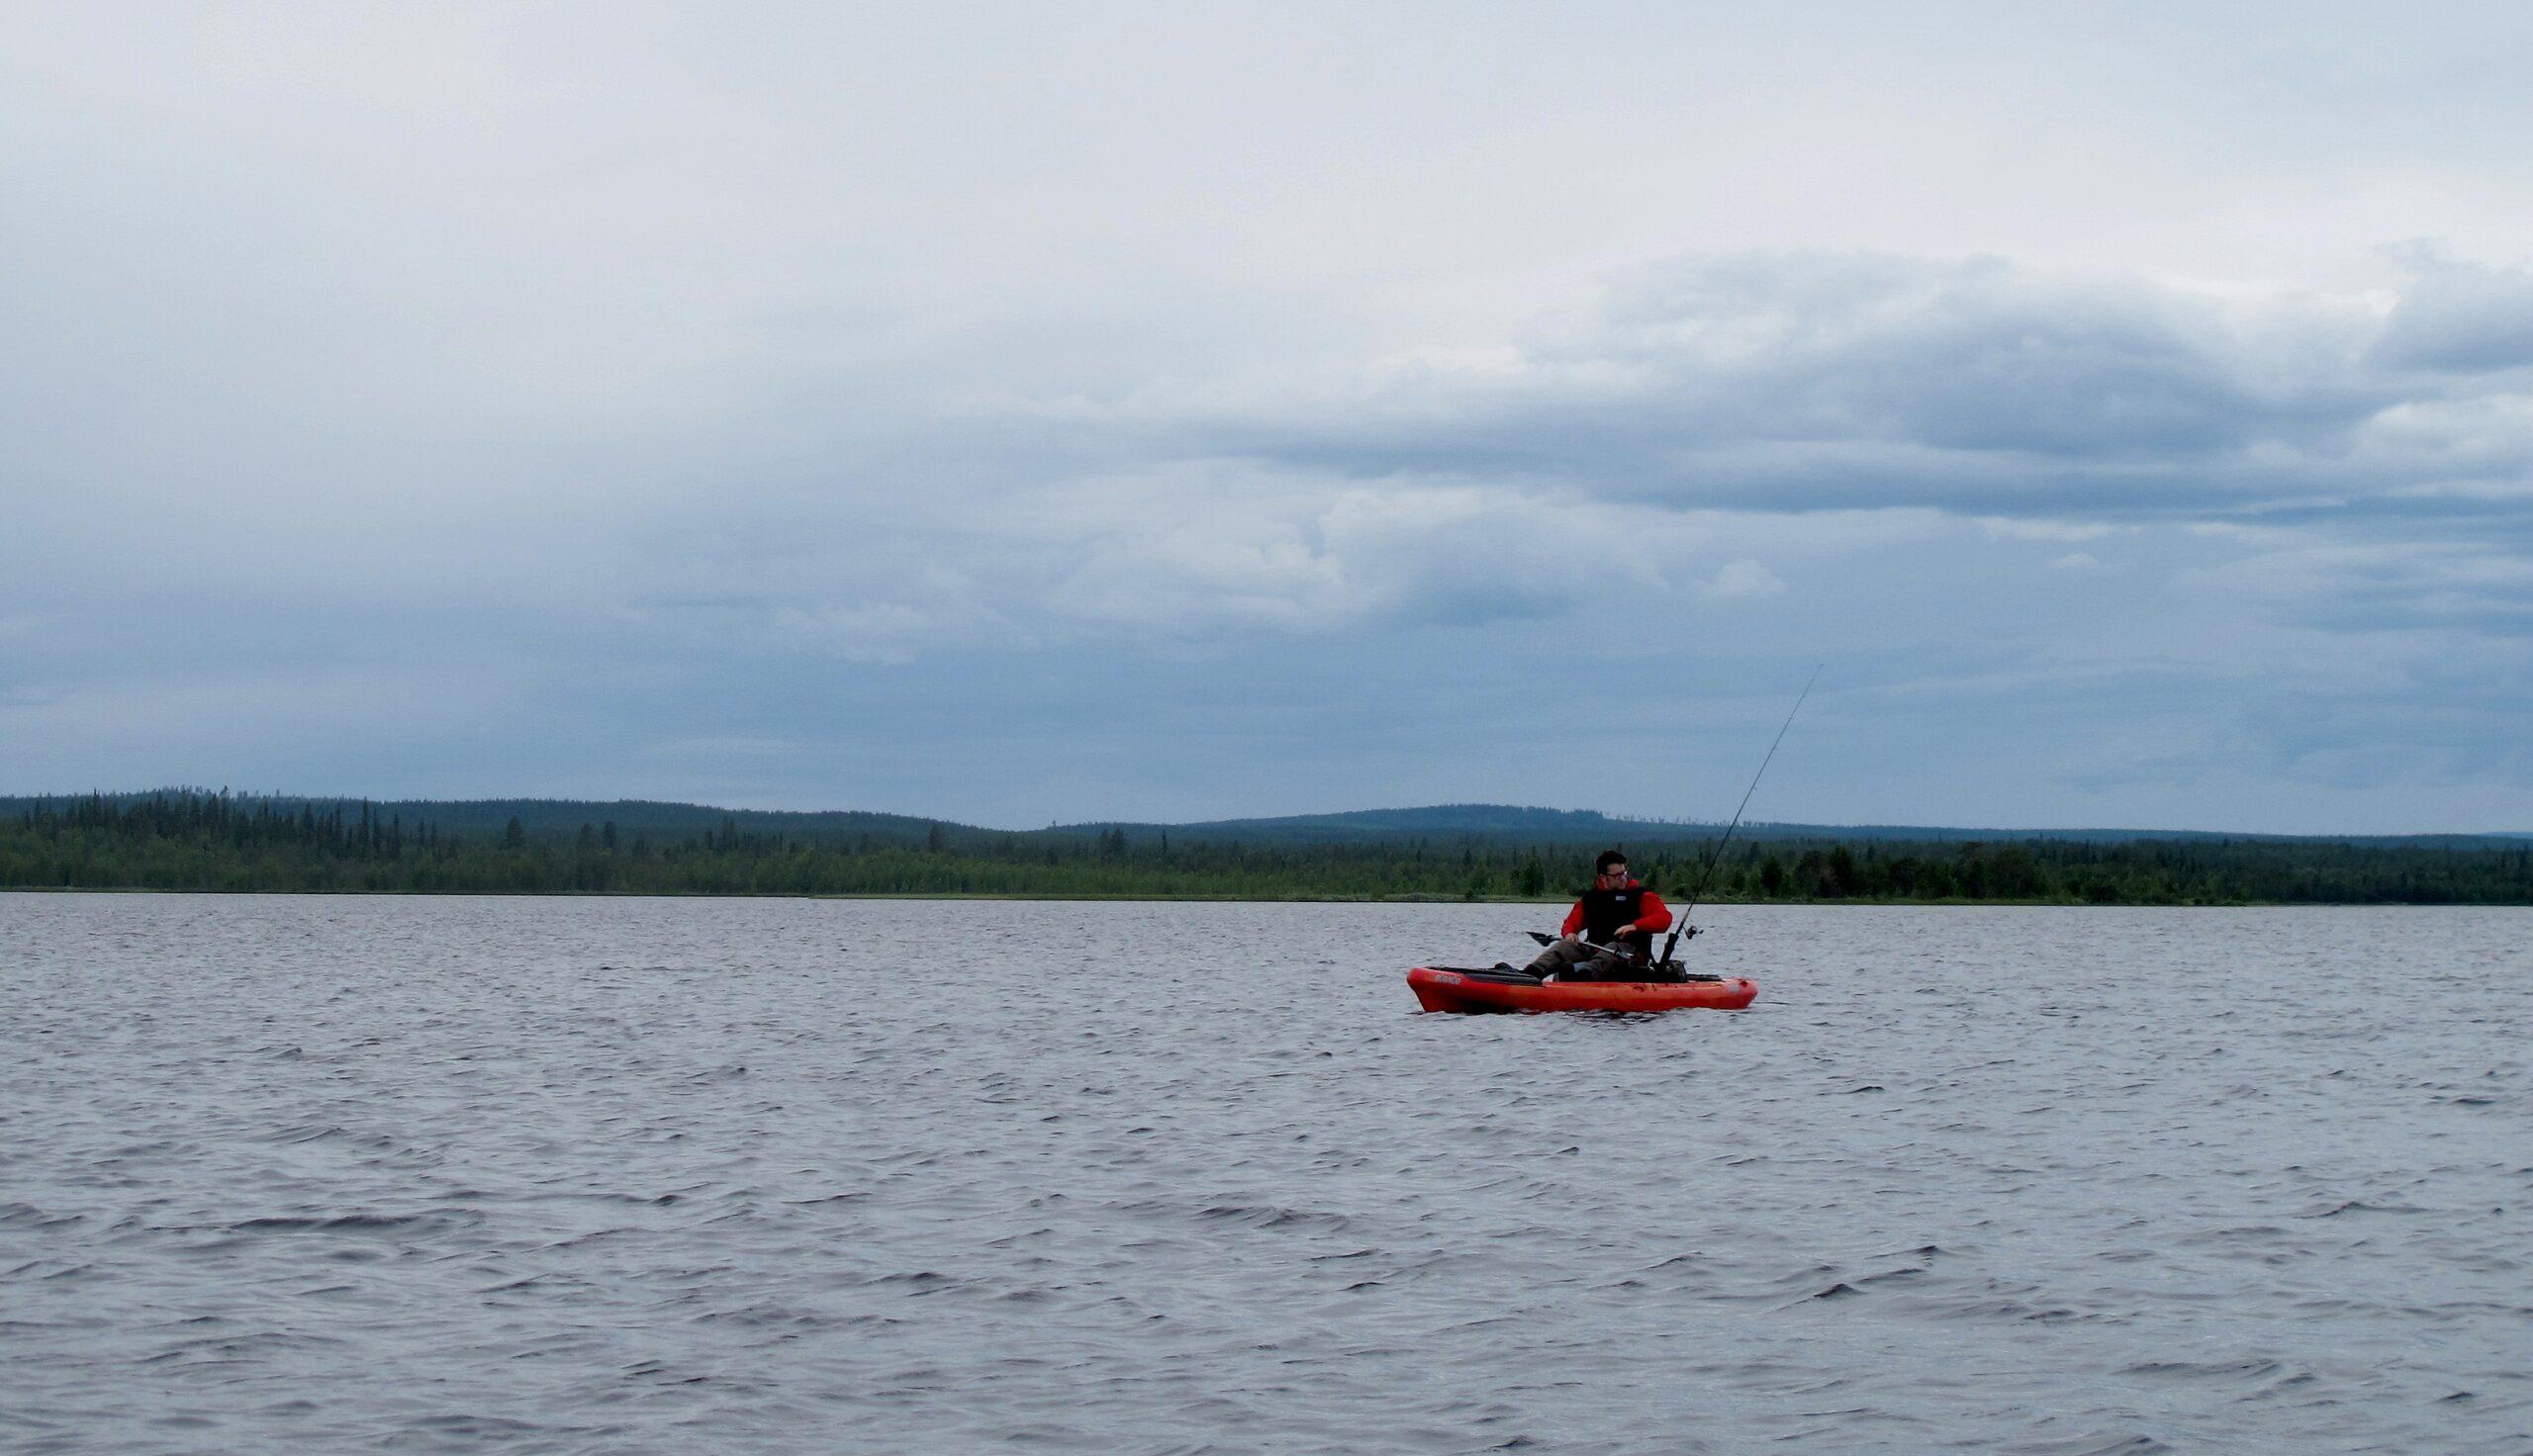 JokkmokkArcticDream_ArcticAdventure-Fishing3 (1)